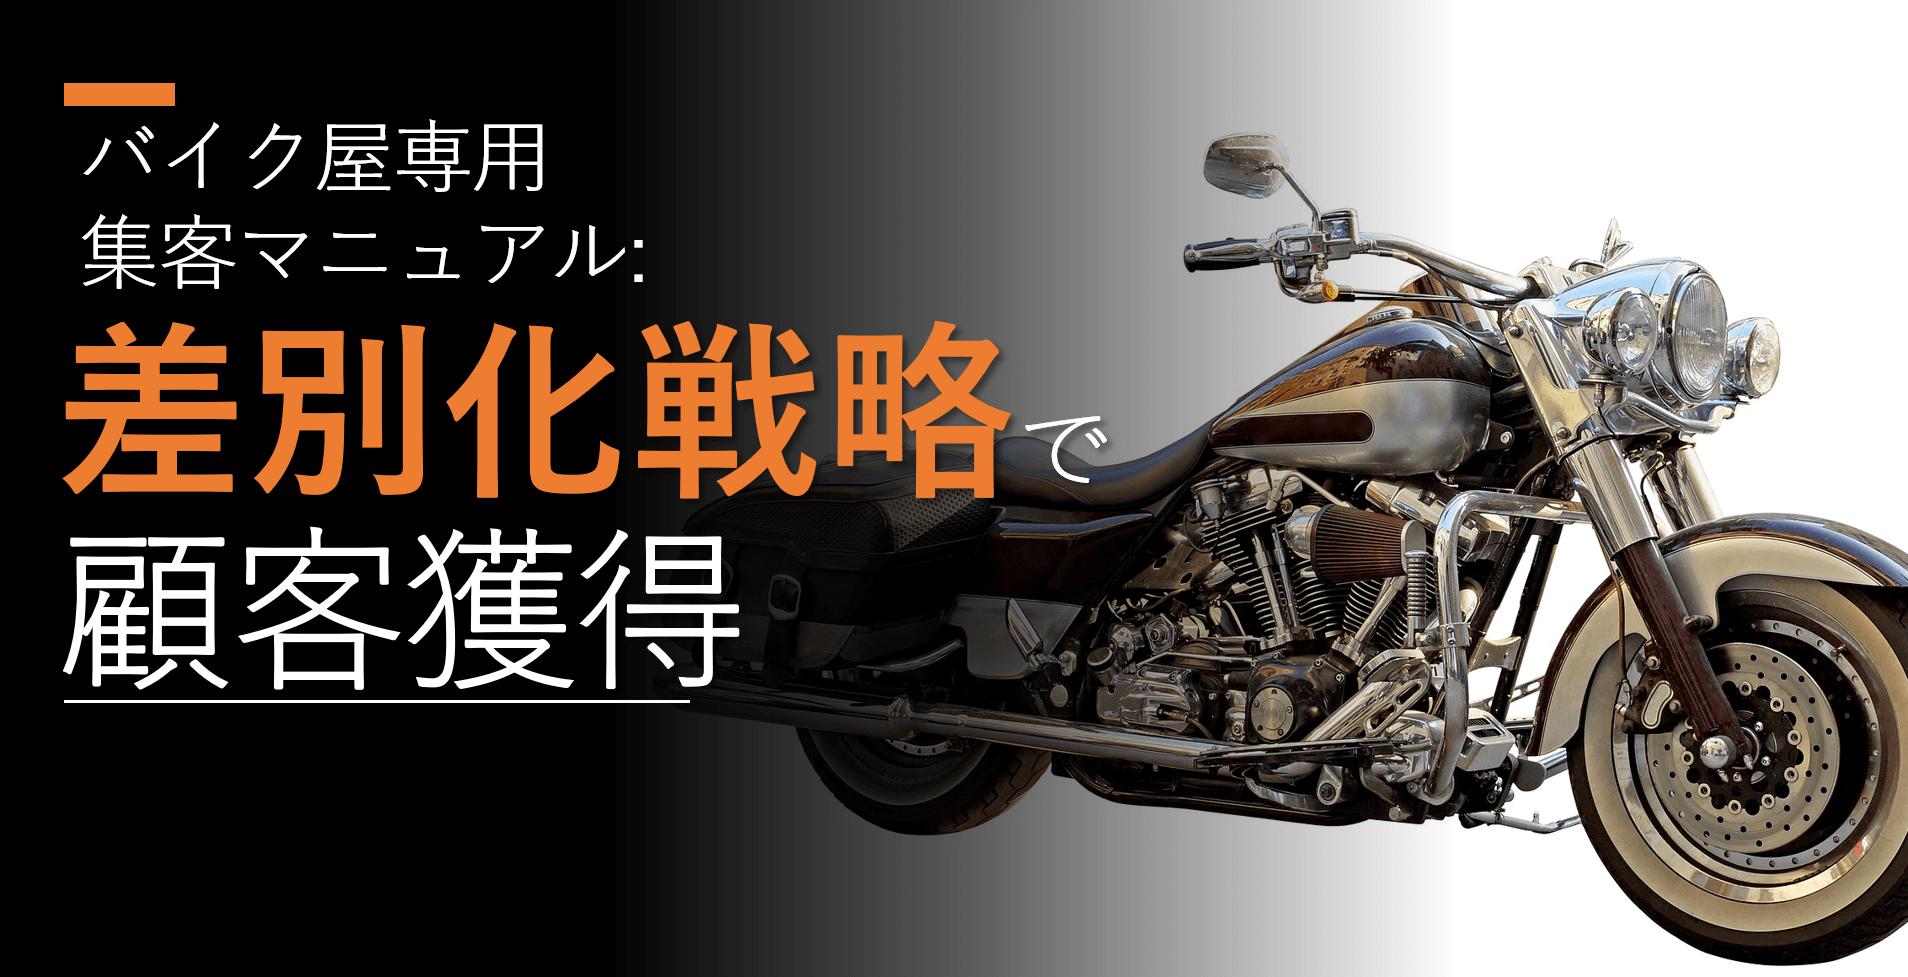 バイク屋で使いたい集客マニュアル【差別化戦略で顧客獲得】